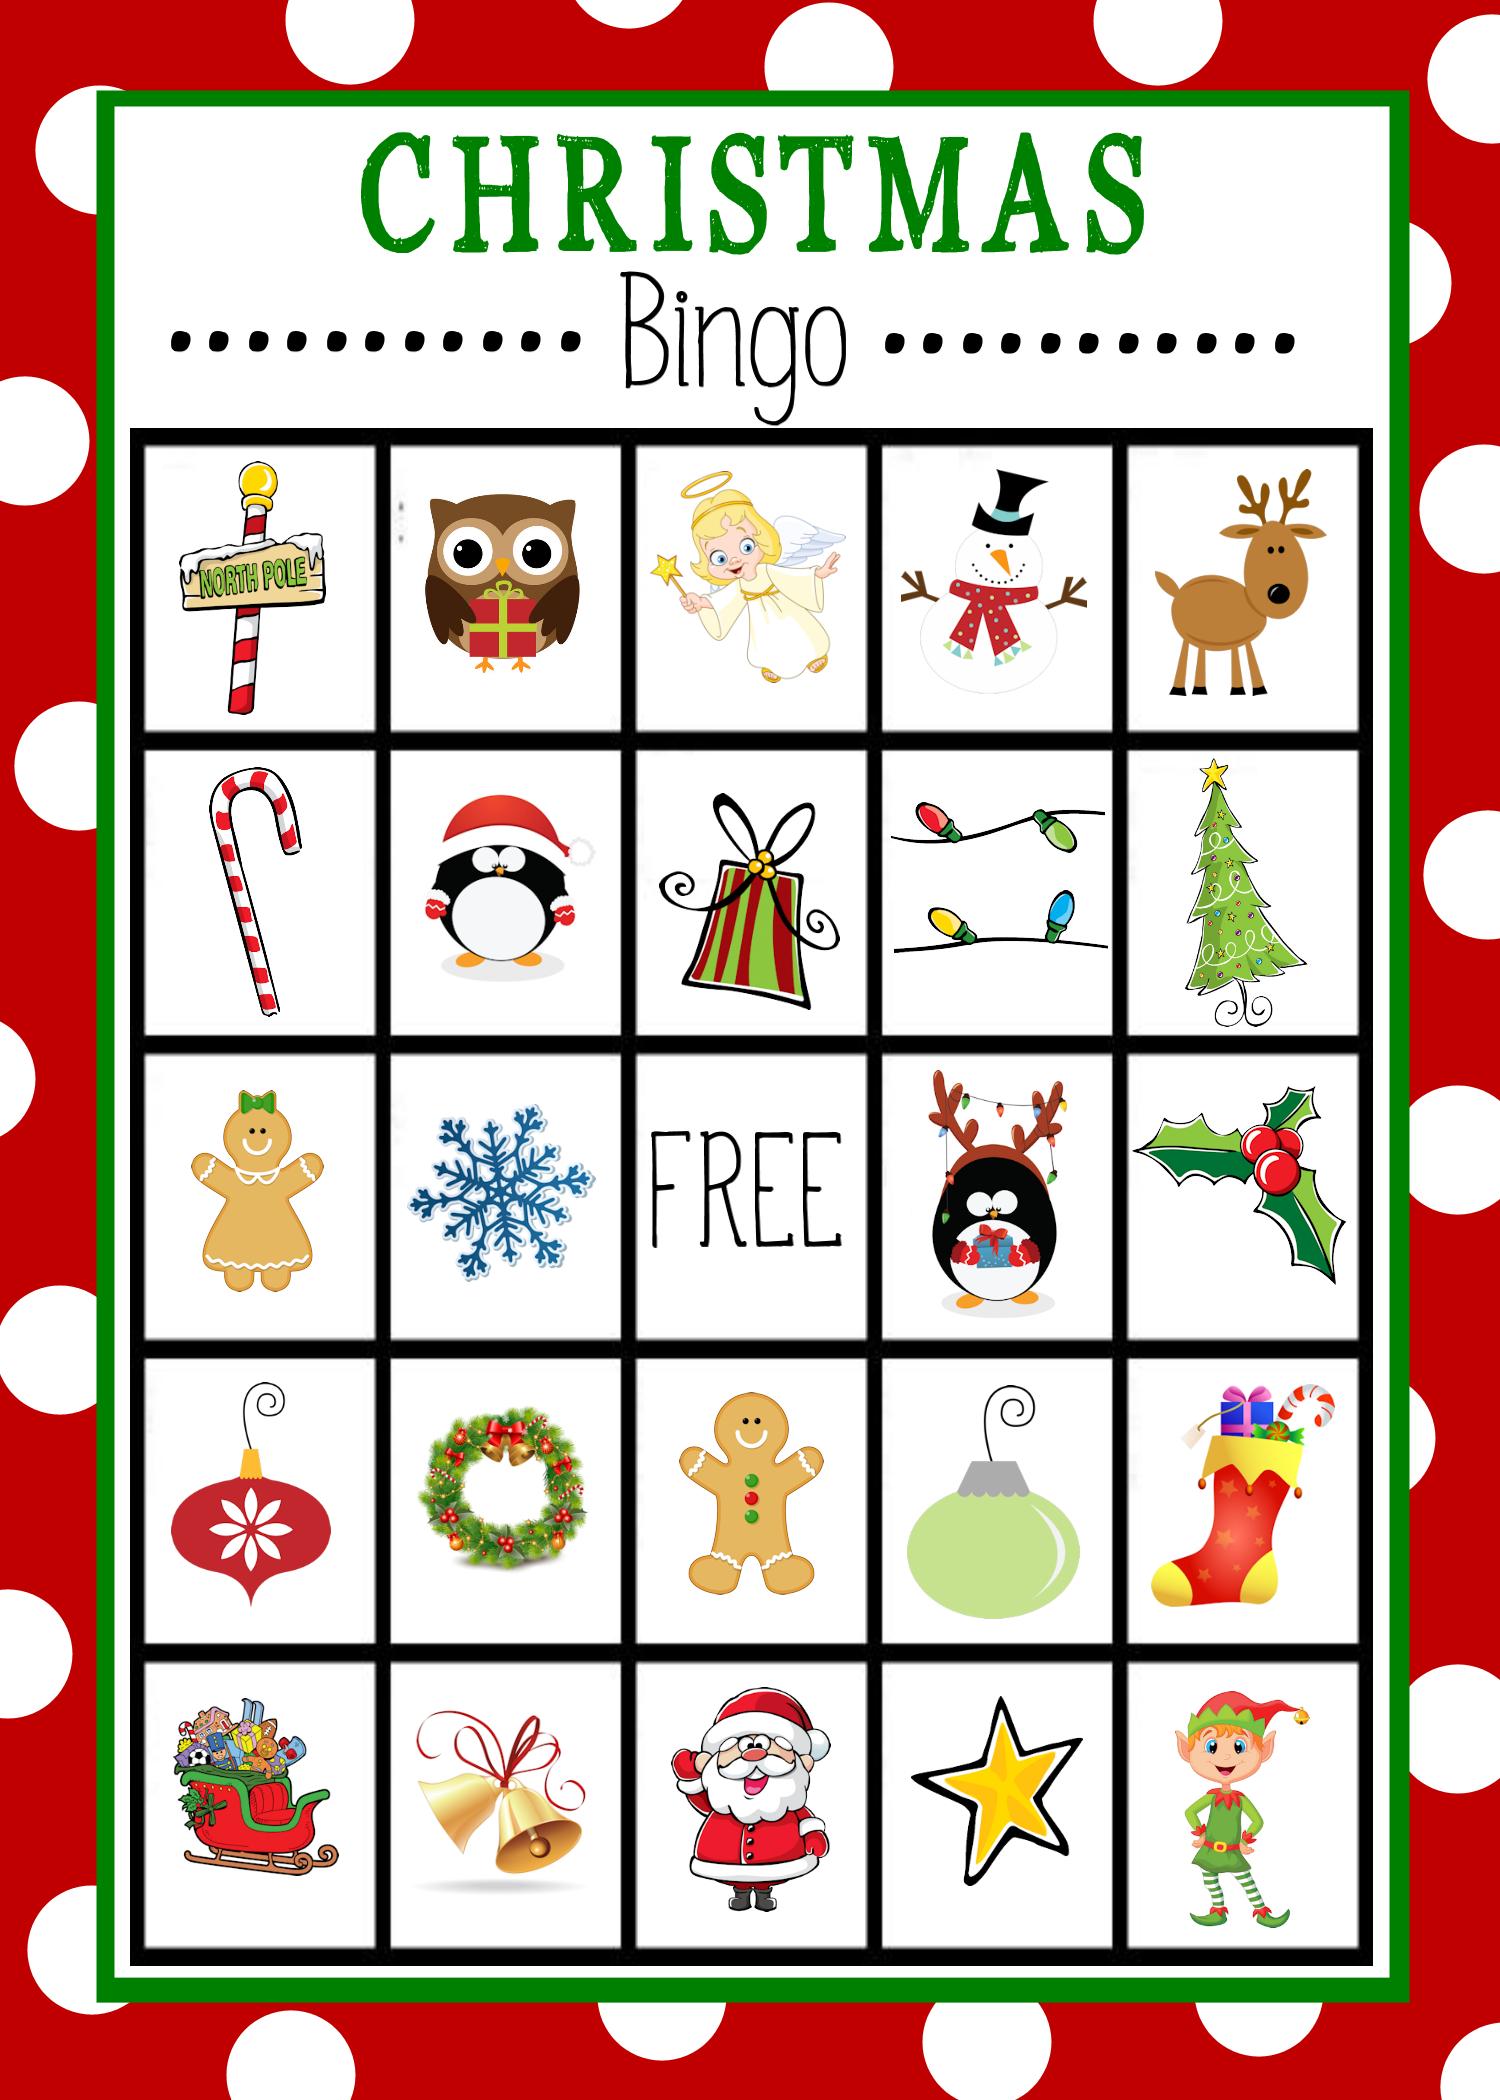 Free Printable Christmas Bingo Game | Christmas | Pinterest - Free Printable Bingo Cards For Large Groups